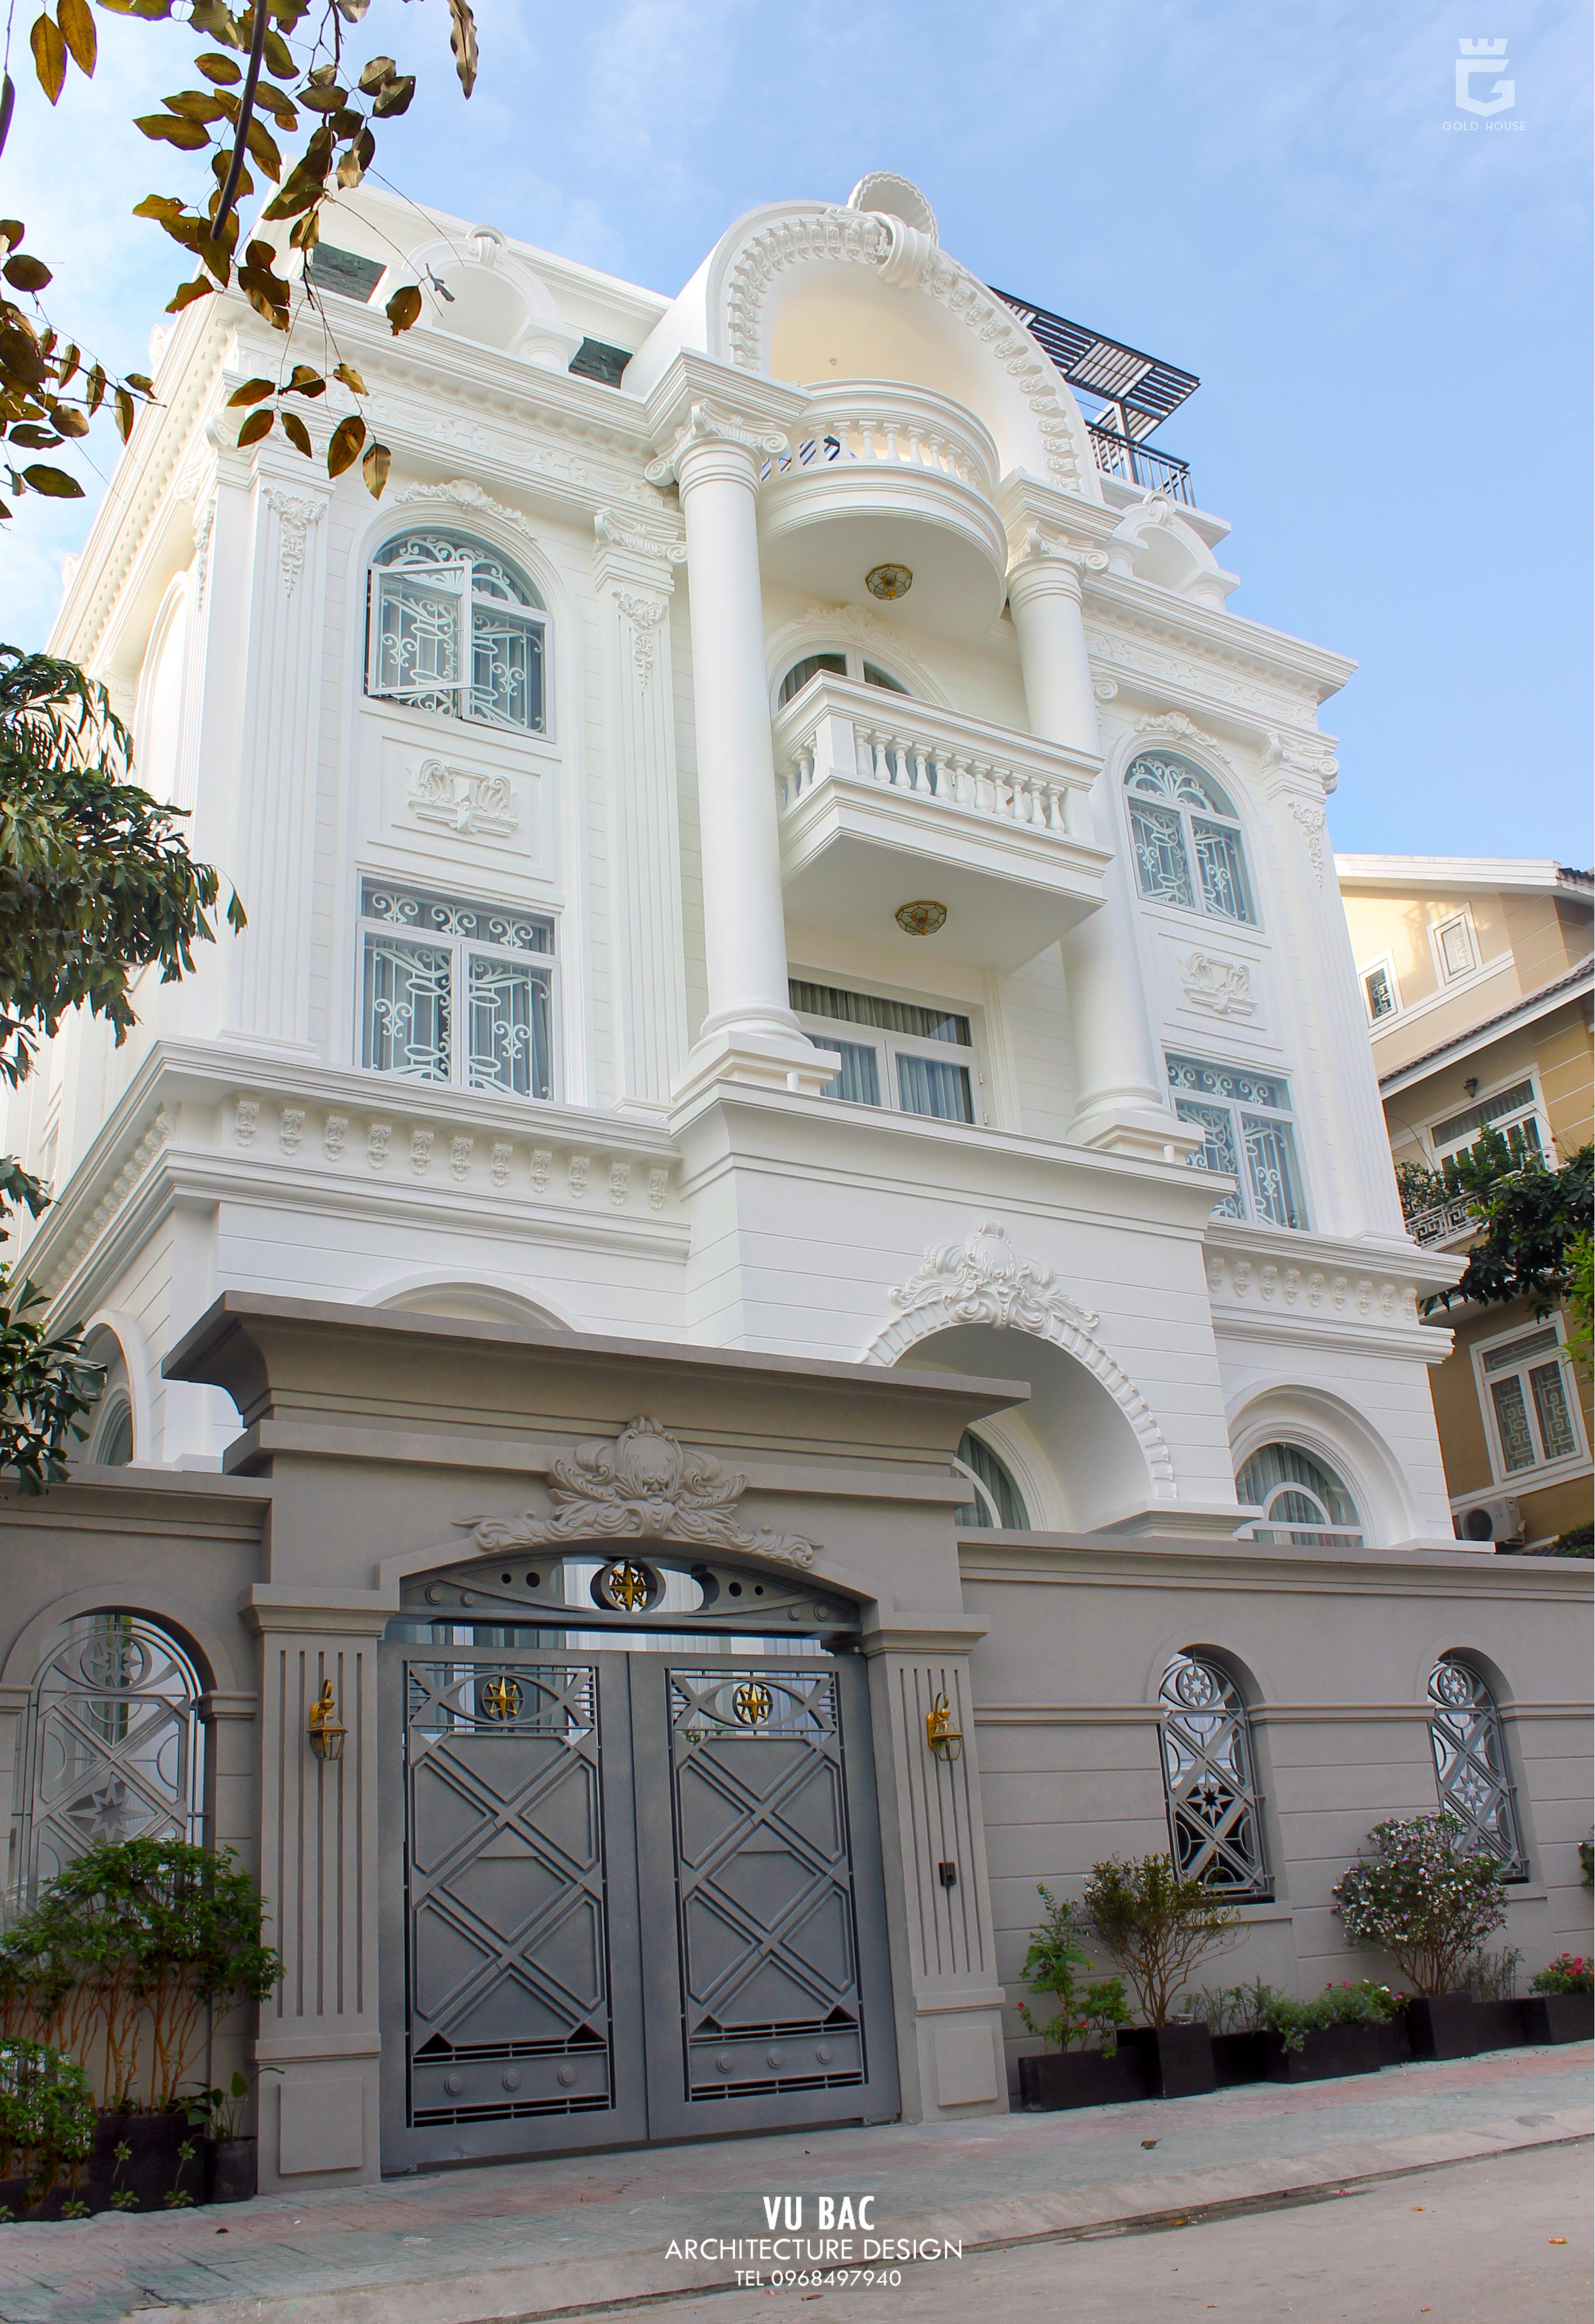 thiết kế Nội thất Biệt Thự 3 tầng VA072018 - TÂN PHONG, QUẬN 7, HCM14